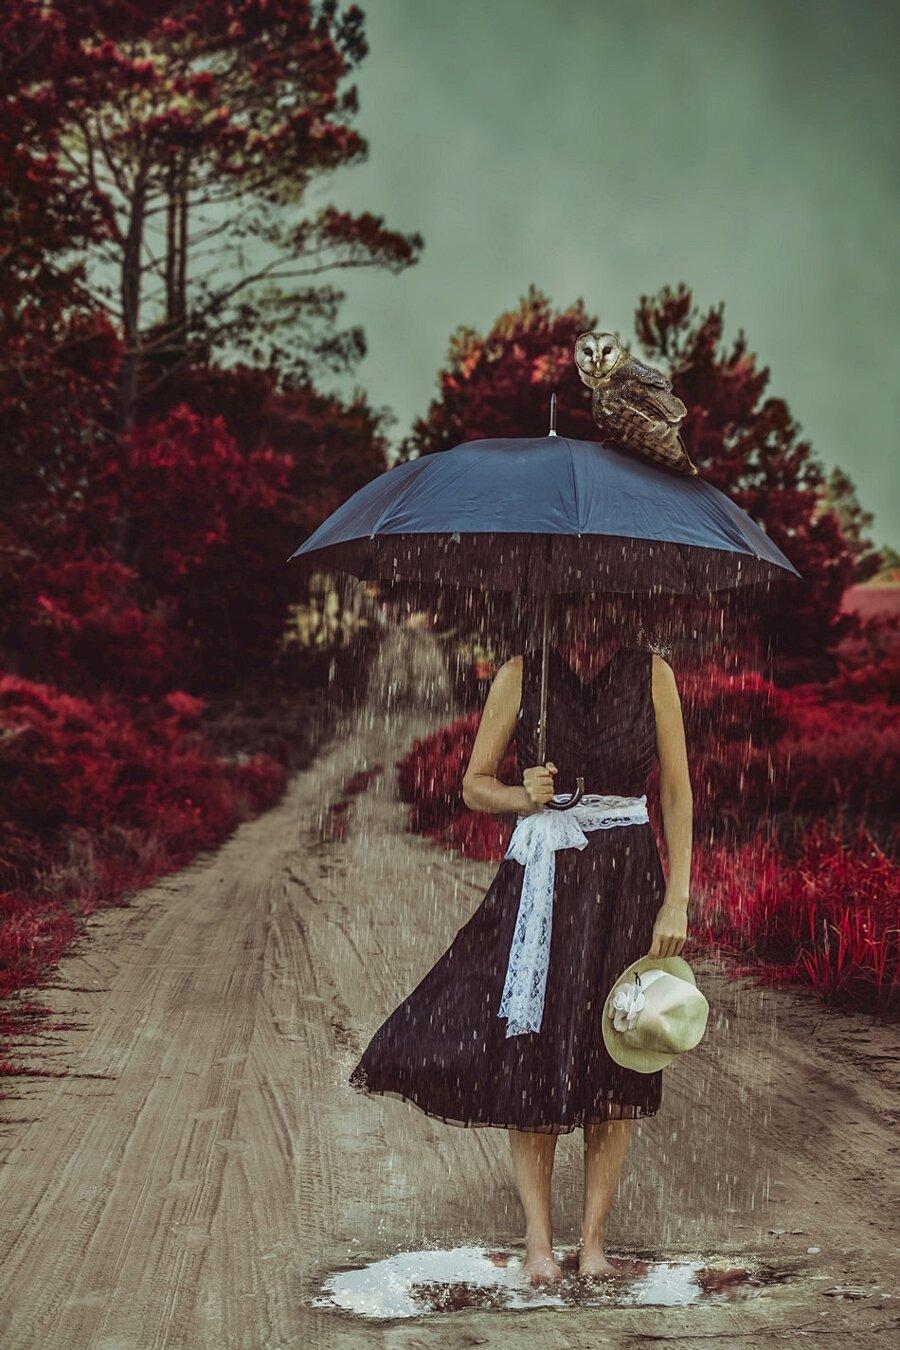 fotografia-concettuale-depressione-janelia-mould-2-keb